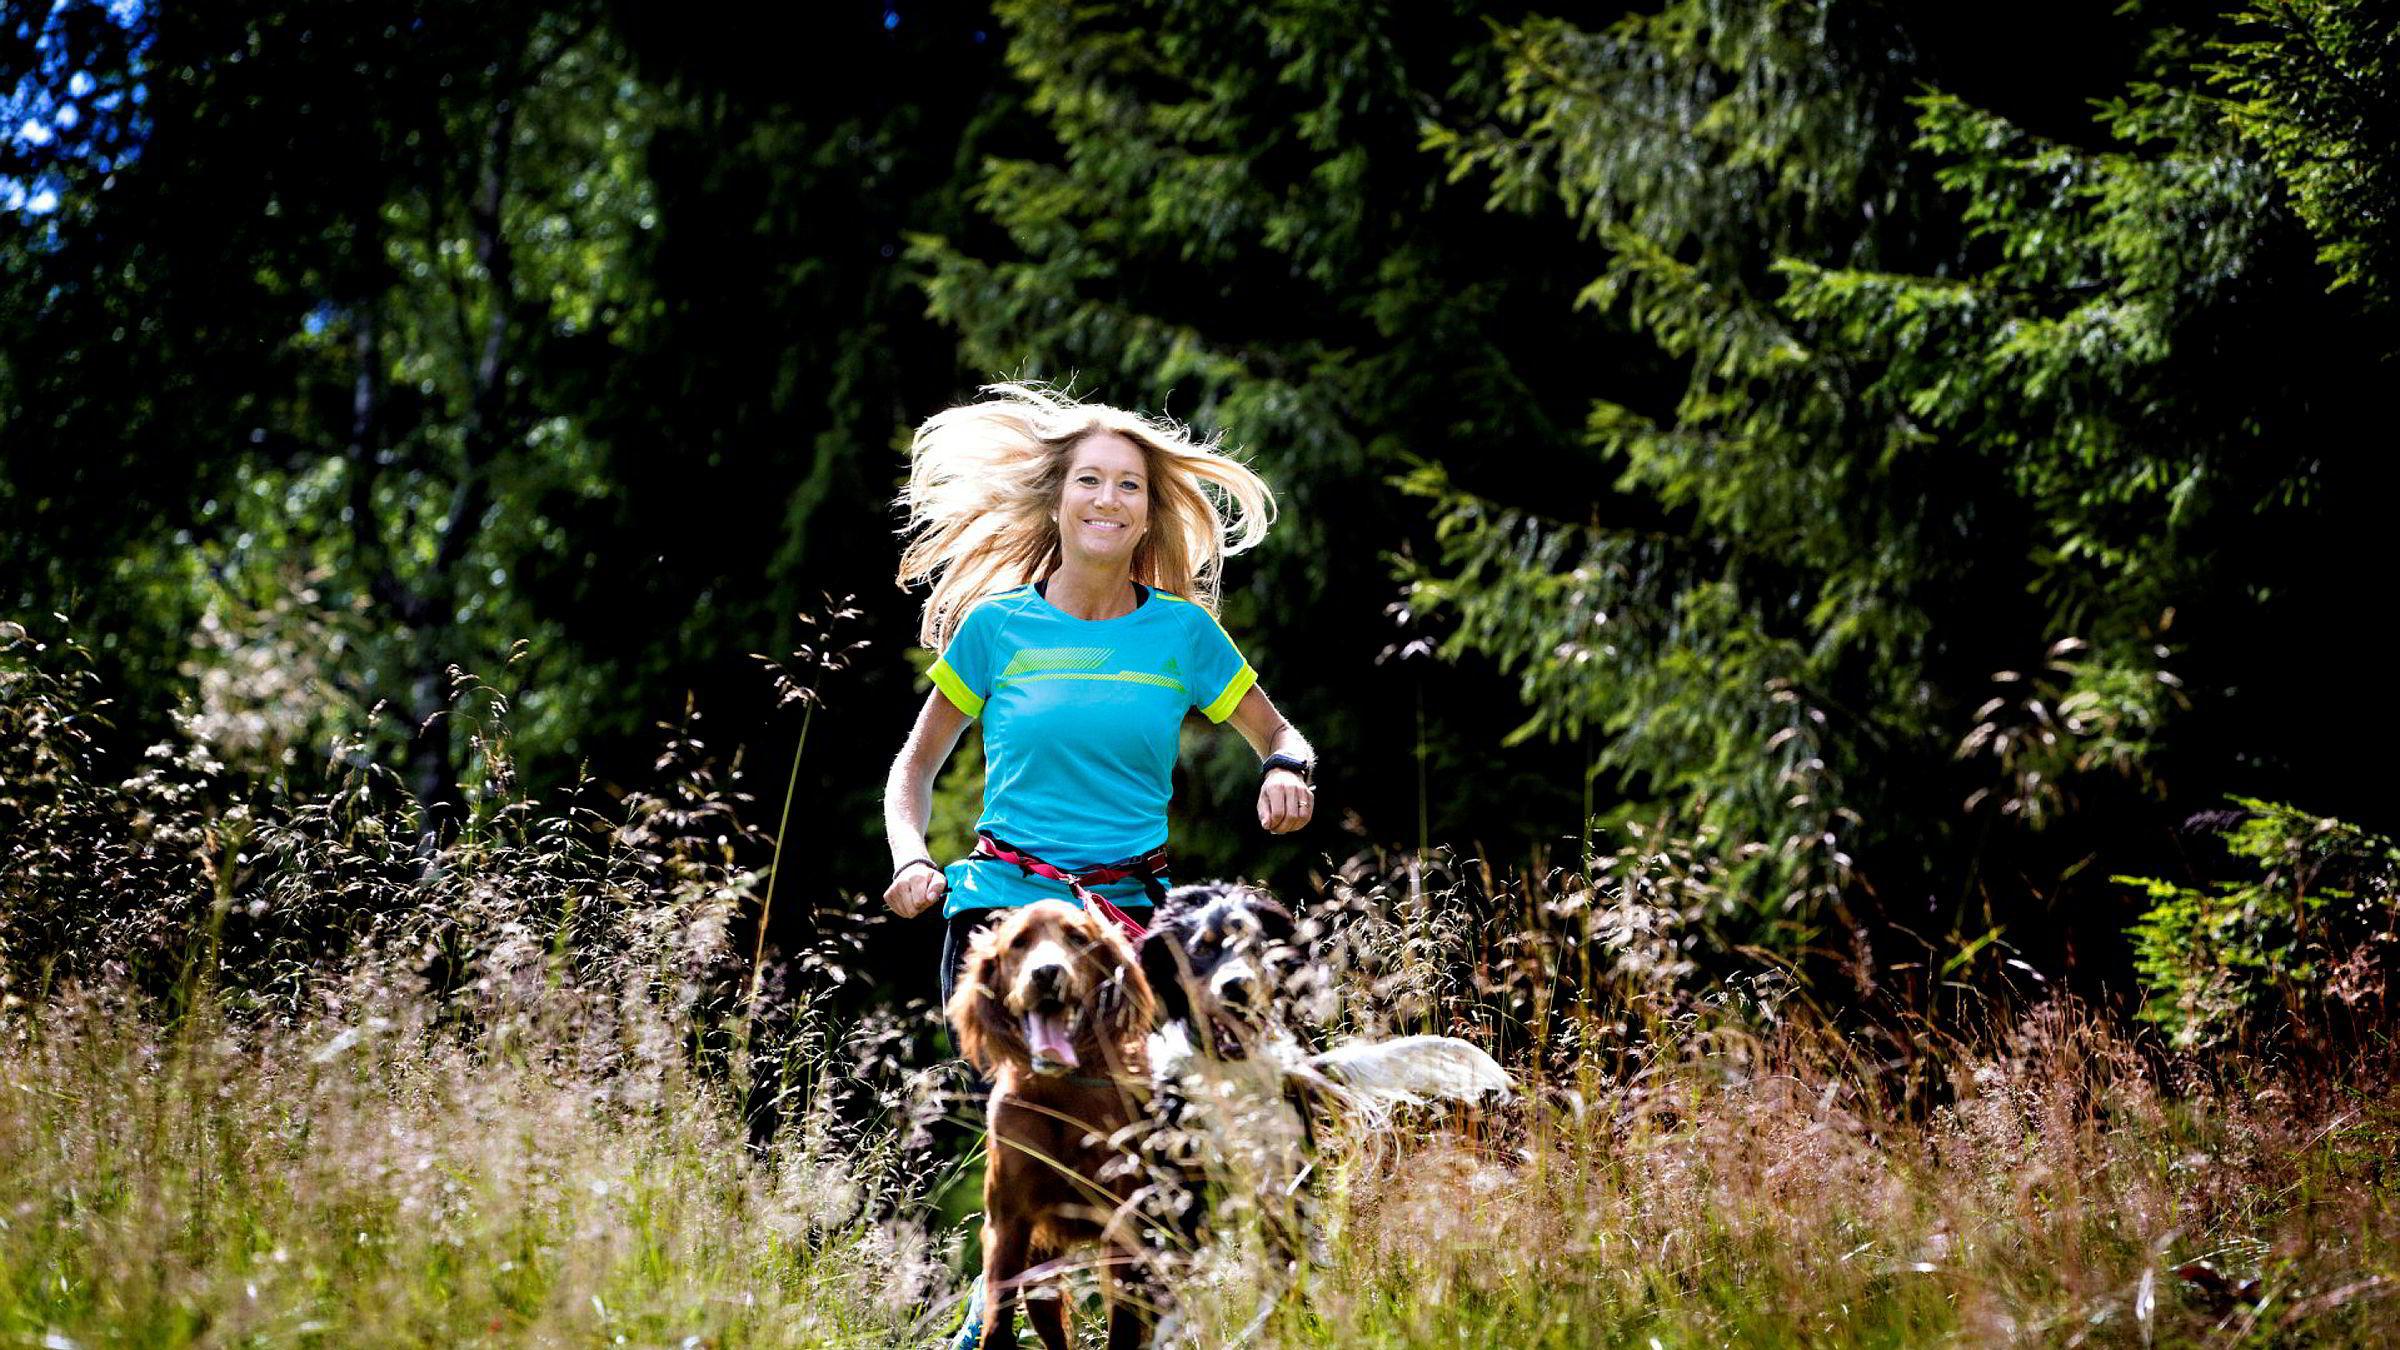 I 2012 fortalte Julie Brodtkorb til Aftenposten at hun alltid avsluttet løpeturen med å løpe med hendene over hodet i to minutter, som om hun hadde vunnet et løp.